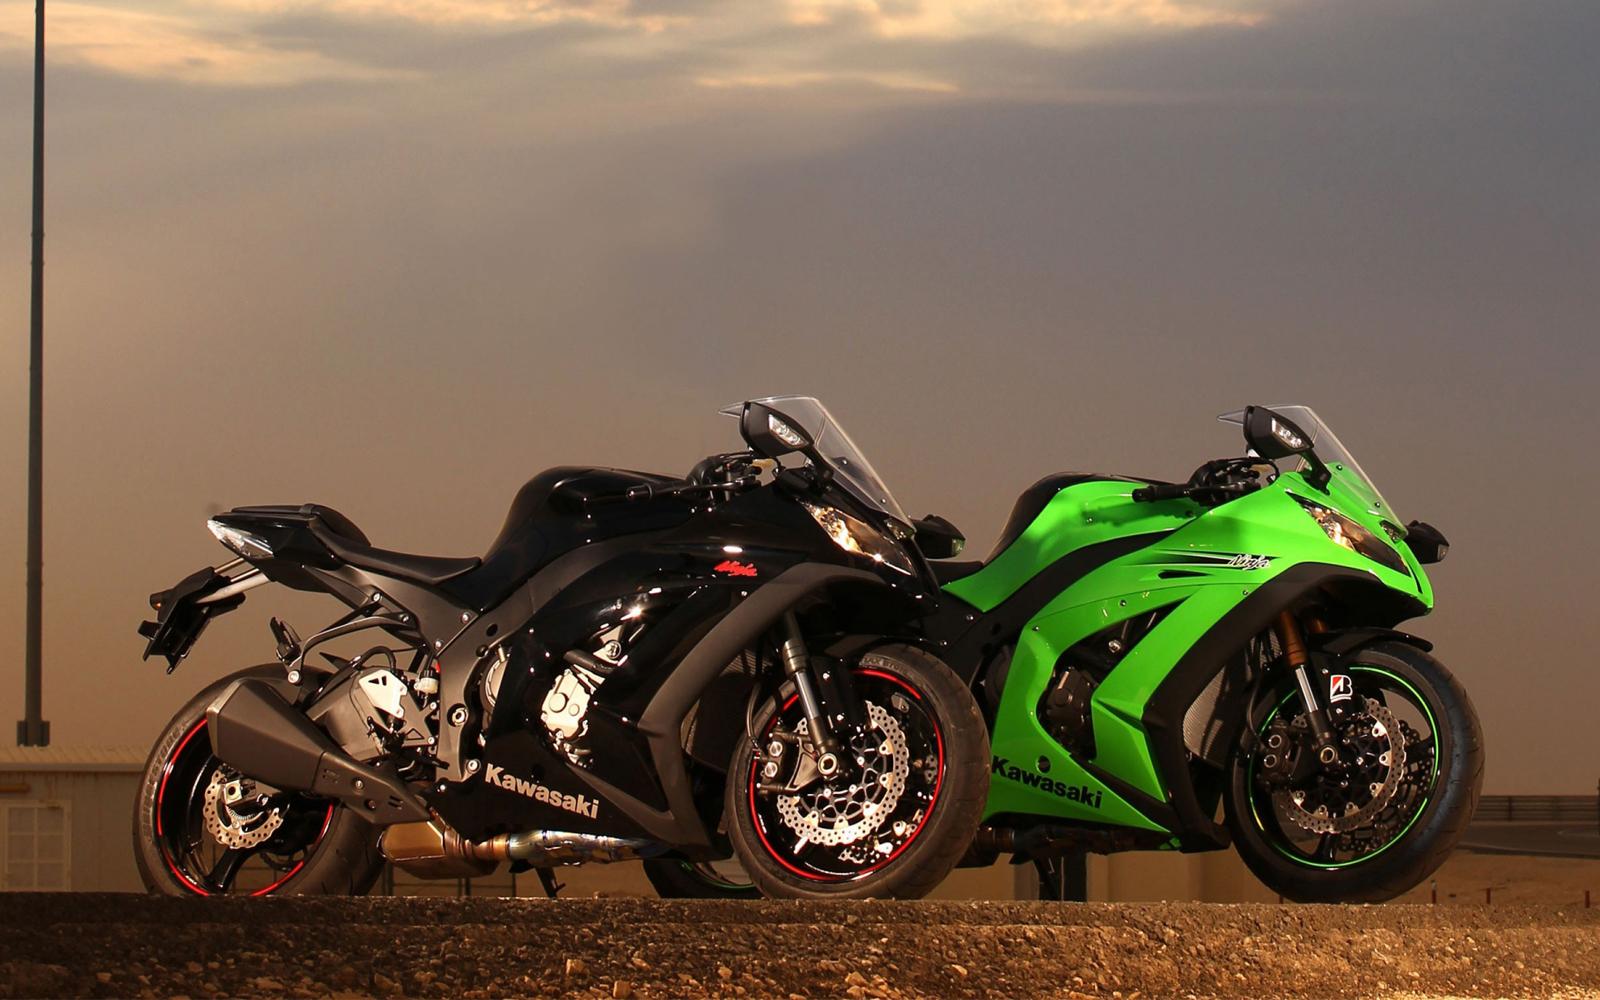 http://3.bp.blogspot.com/-Y5yMjghpW7g/ULs76ZJNYTI/AAAAAAAAXkE/glRzXhwDjbc/s1600/Kawasaki+Ninja+ZX-10R+17.jpg